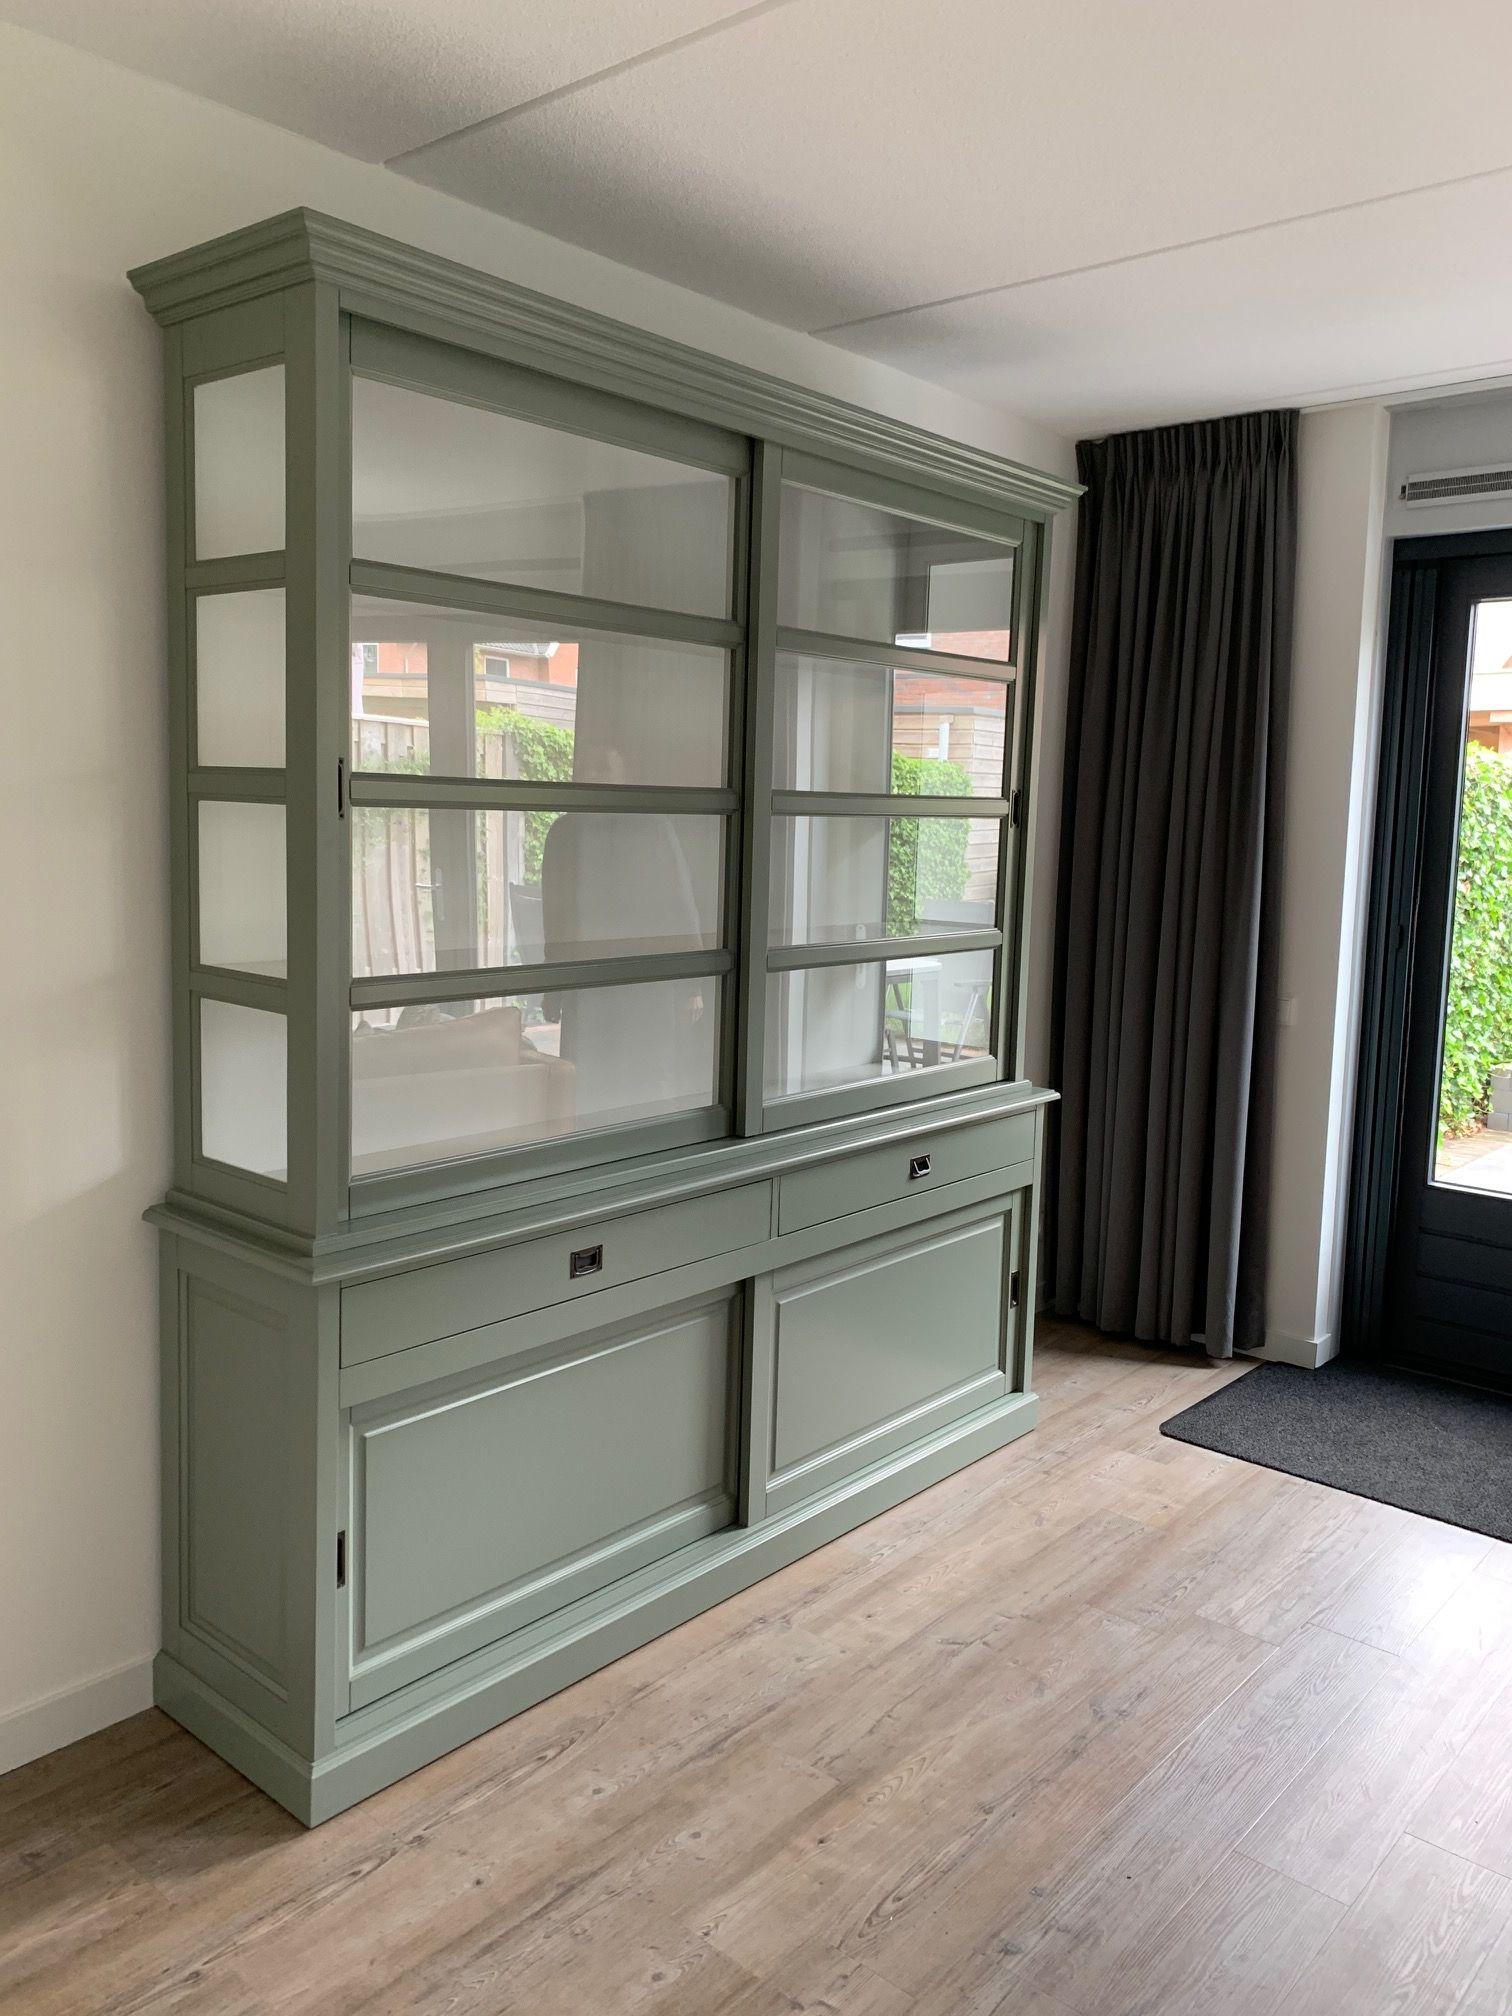 Hoge Buffetkast Engels Groen 220 X 240cm Buffetkast Huis Interieur Thuisdecoratie